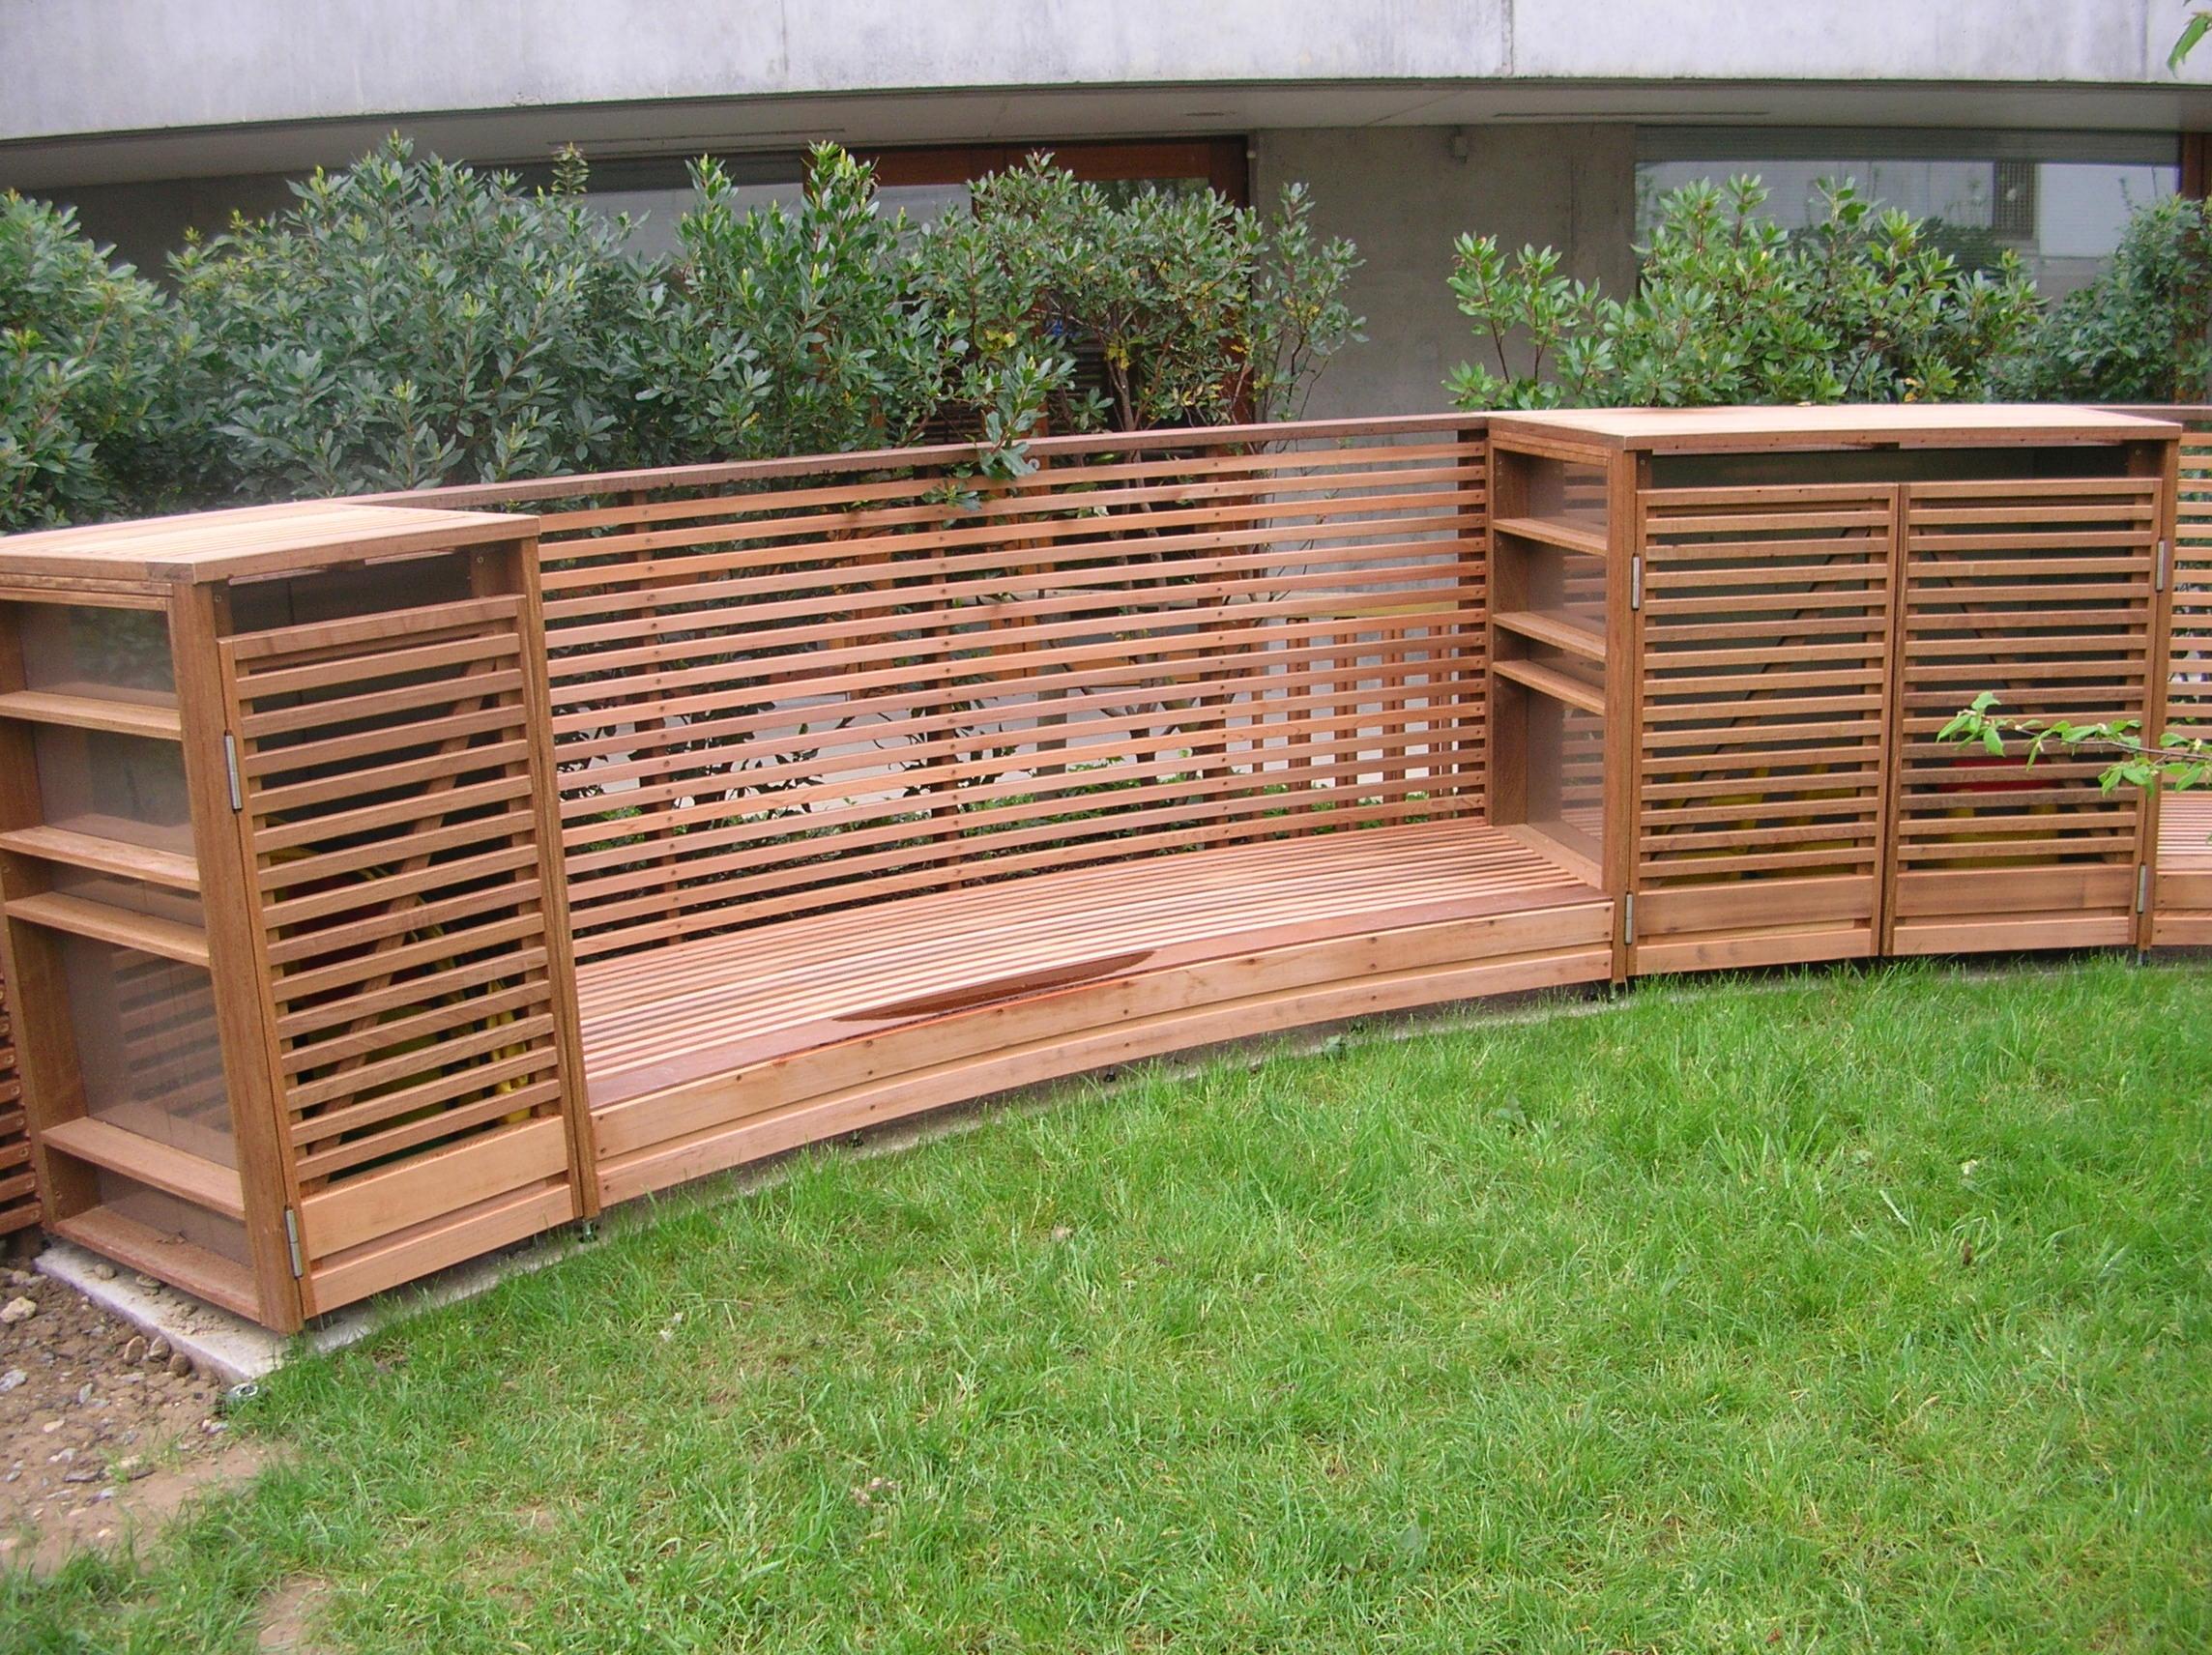 Mobiliers urbains bois et métal